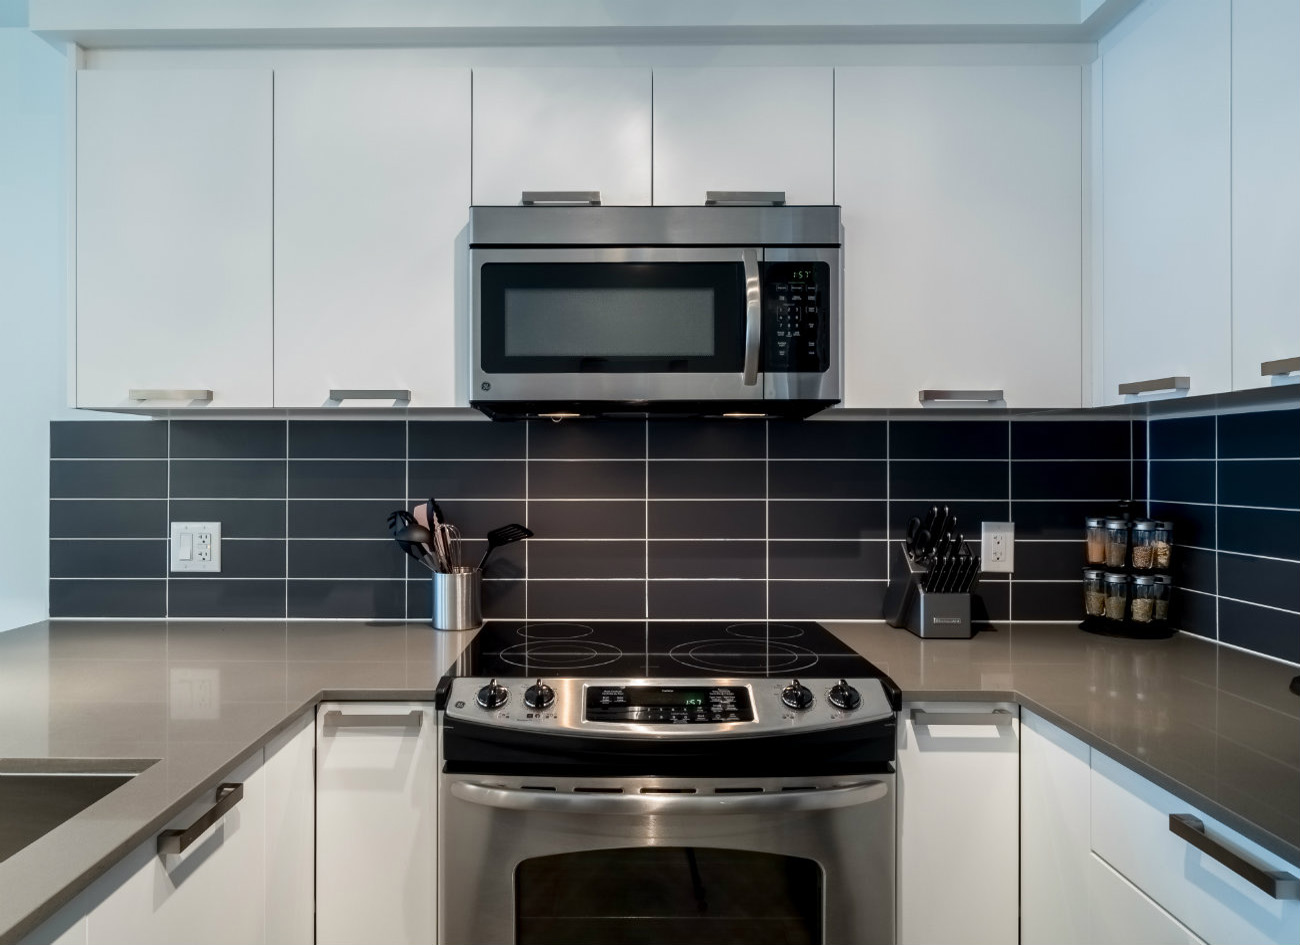 Union modern suites kitchen